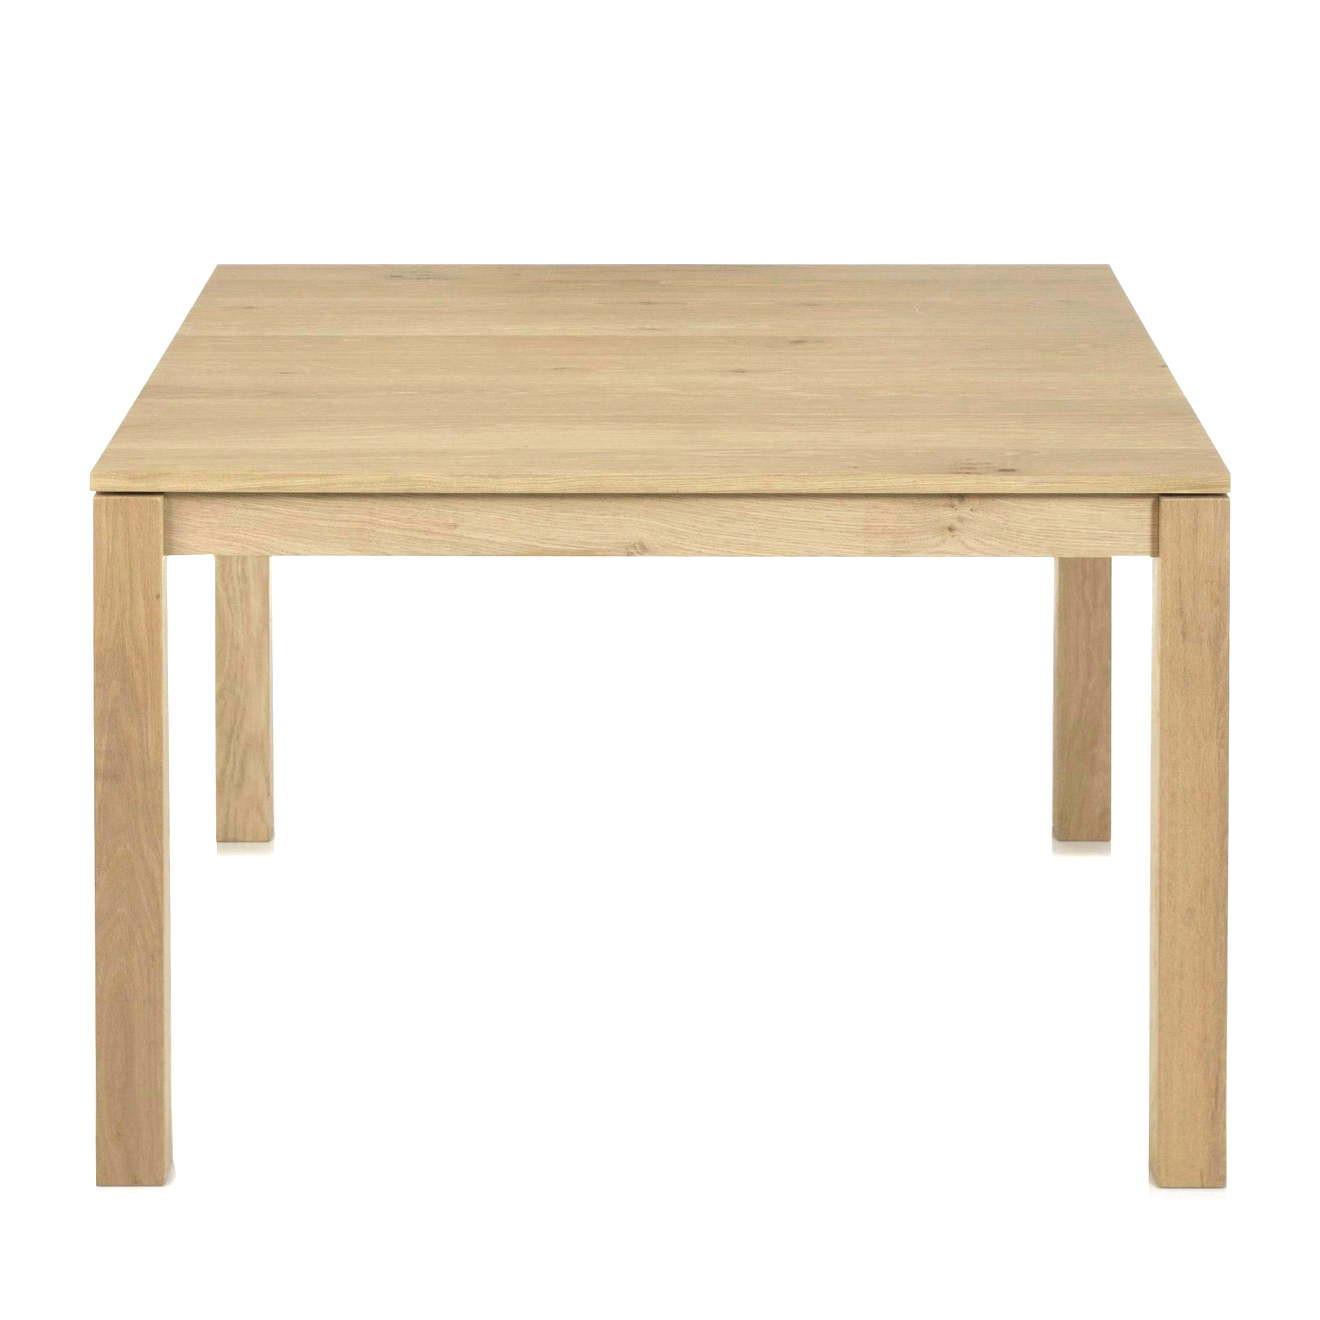 meuble design bois meubles de jardin en bois meuble de jardin deco paysage 0d beau de of meuble design bois